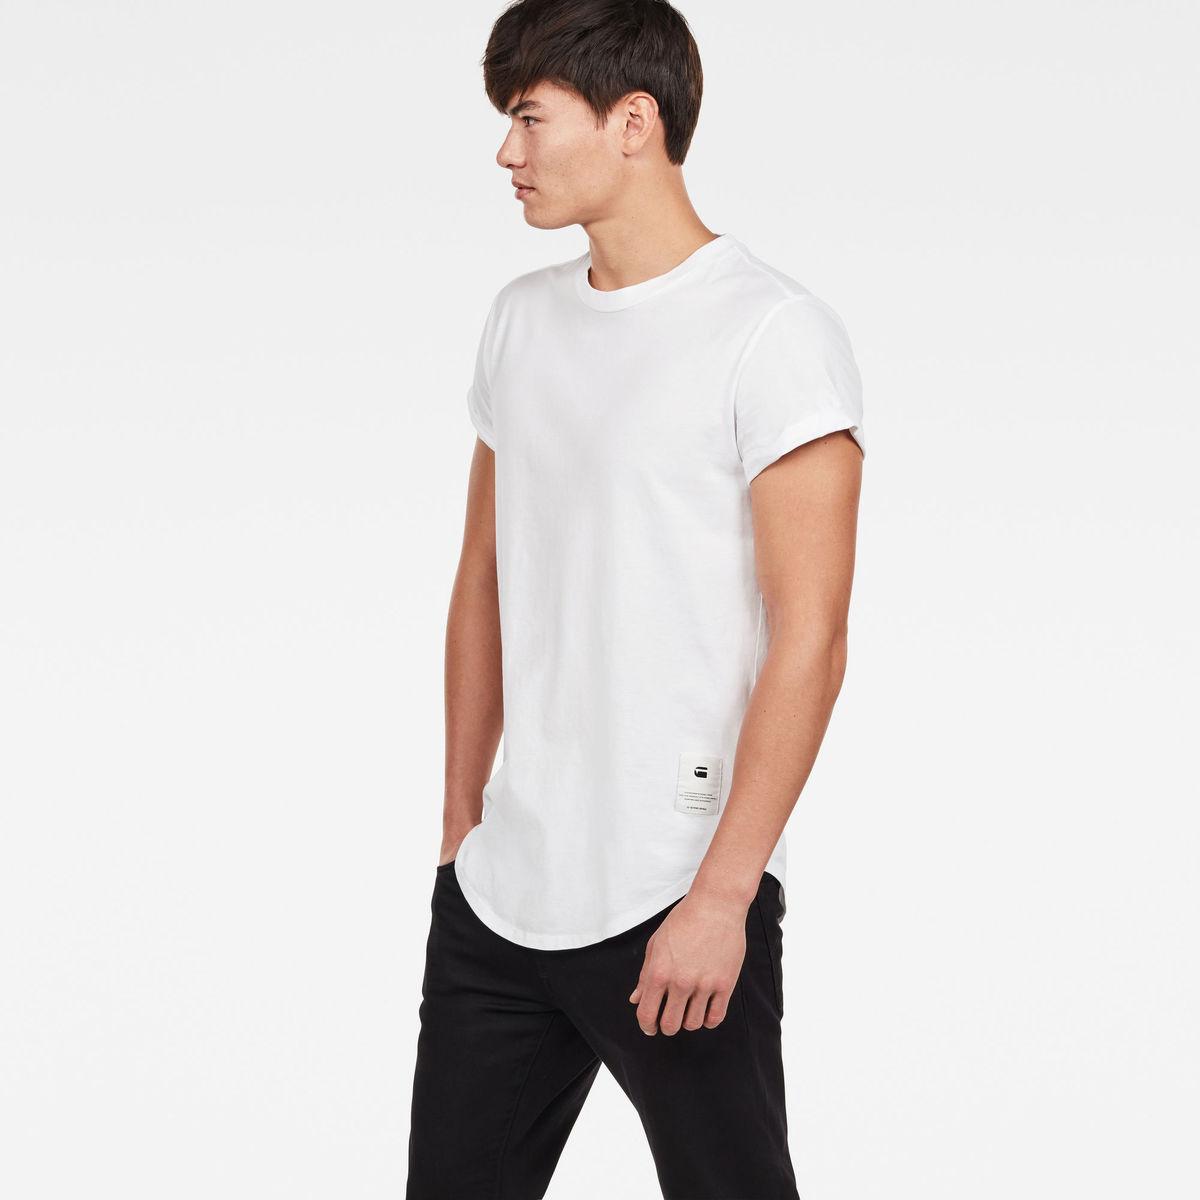 Bild 2 von Shelo Relaxed T-Shirt